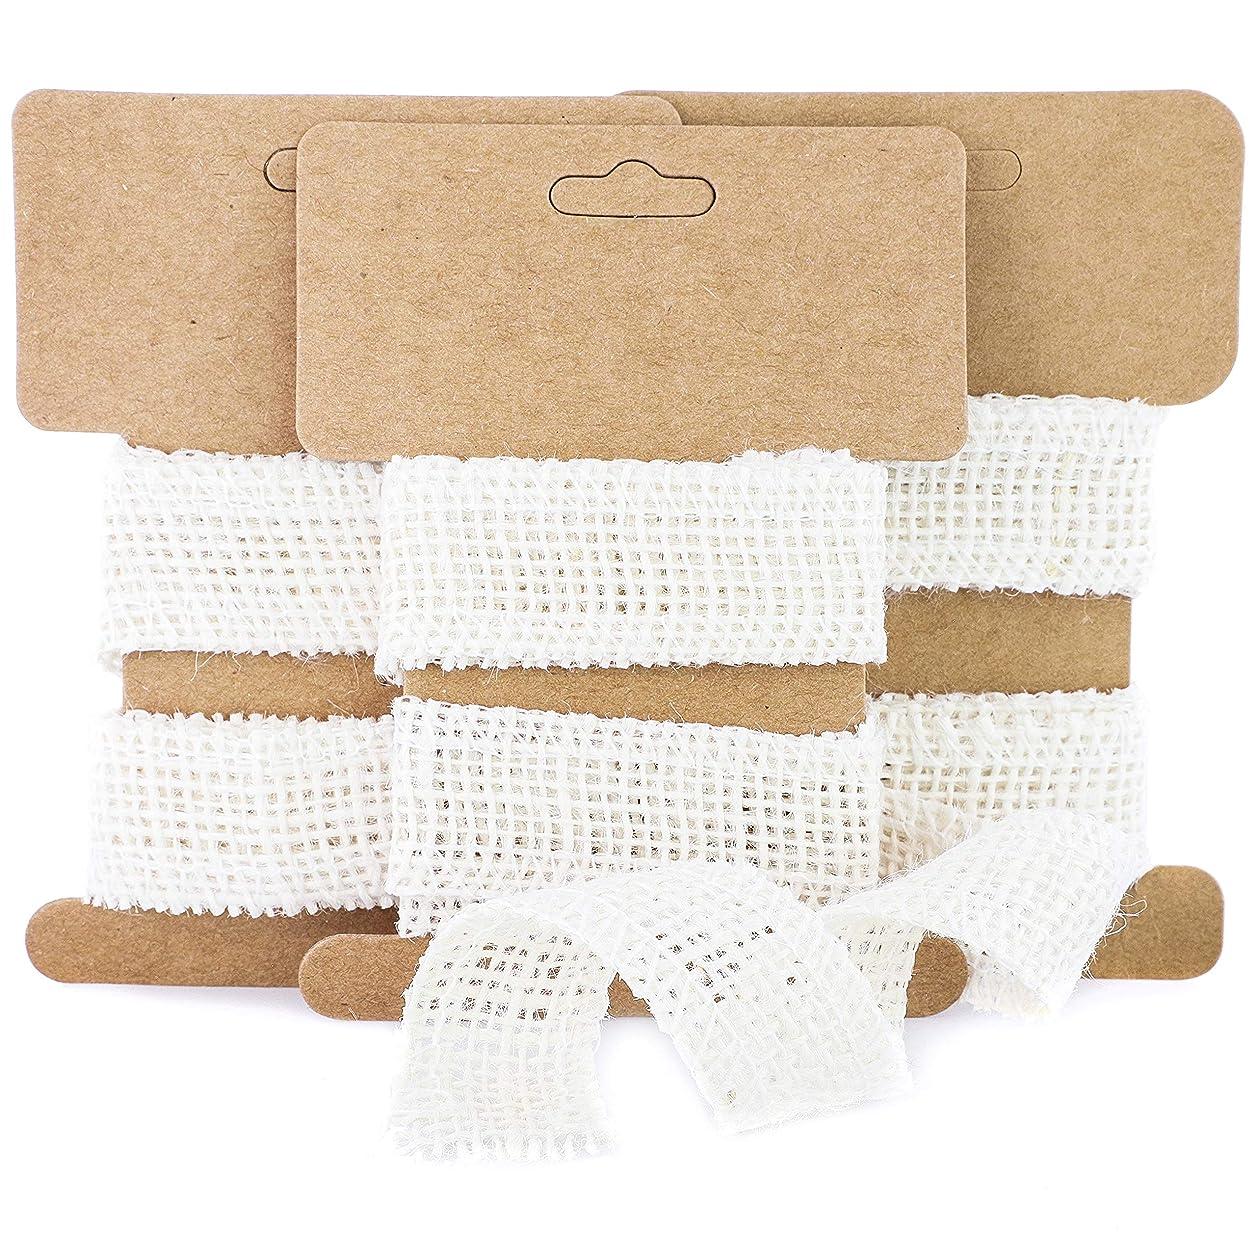 Genie Crafts 24 Rolls White Burlap Fabric 1 Inch Wide Ribbon for DIY Crafts, 1 Yard Long ryrqdgzvlvcwlrnz